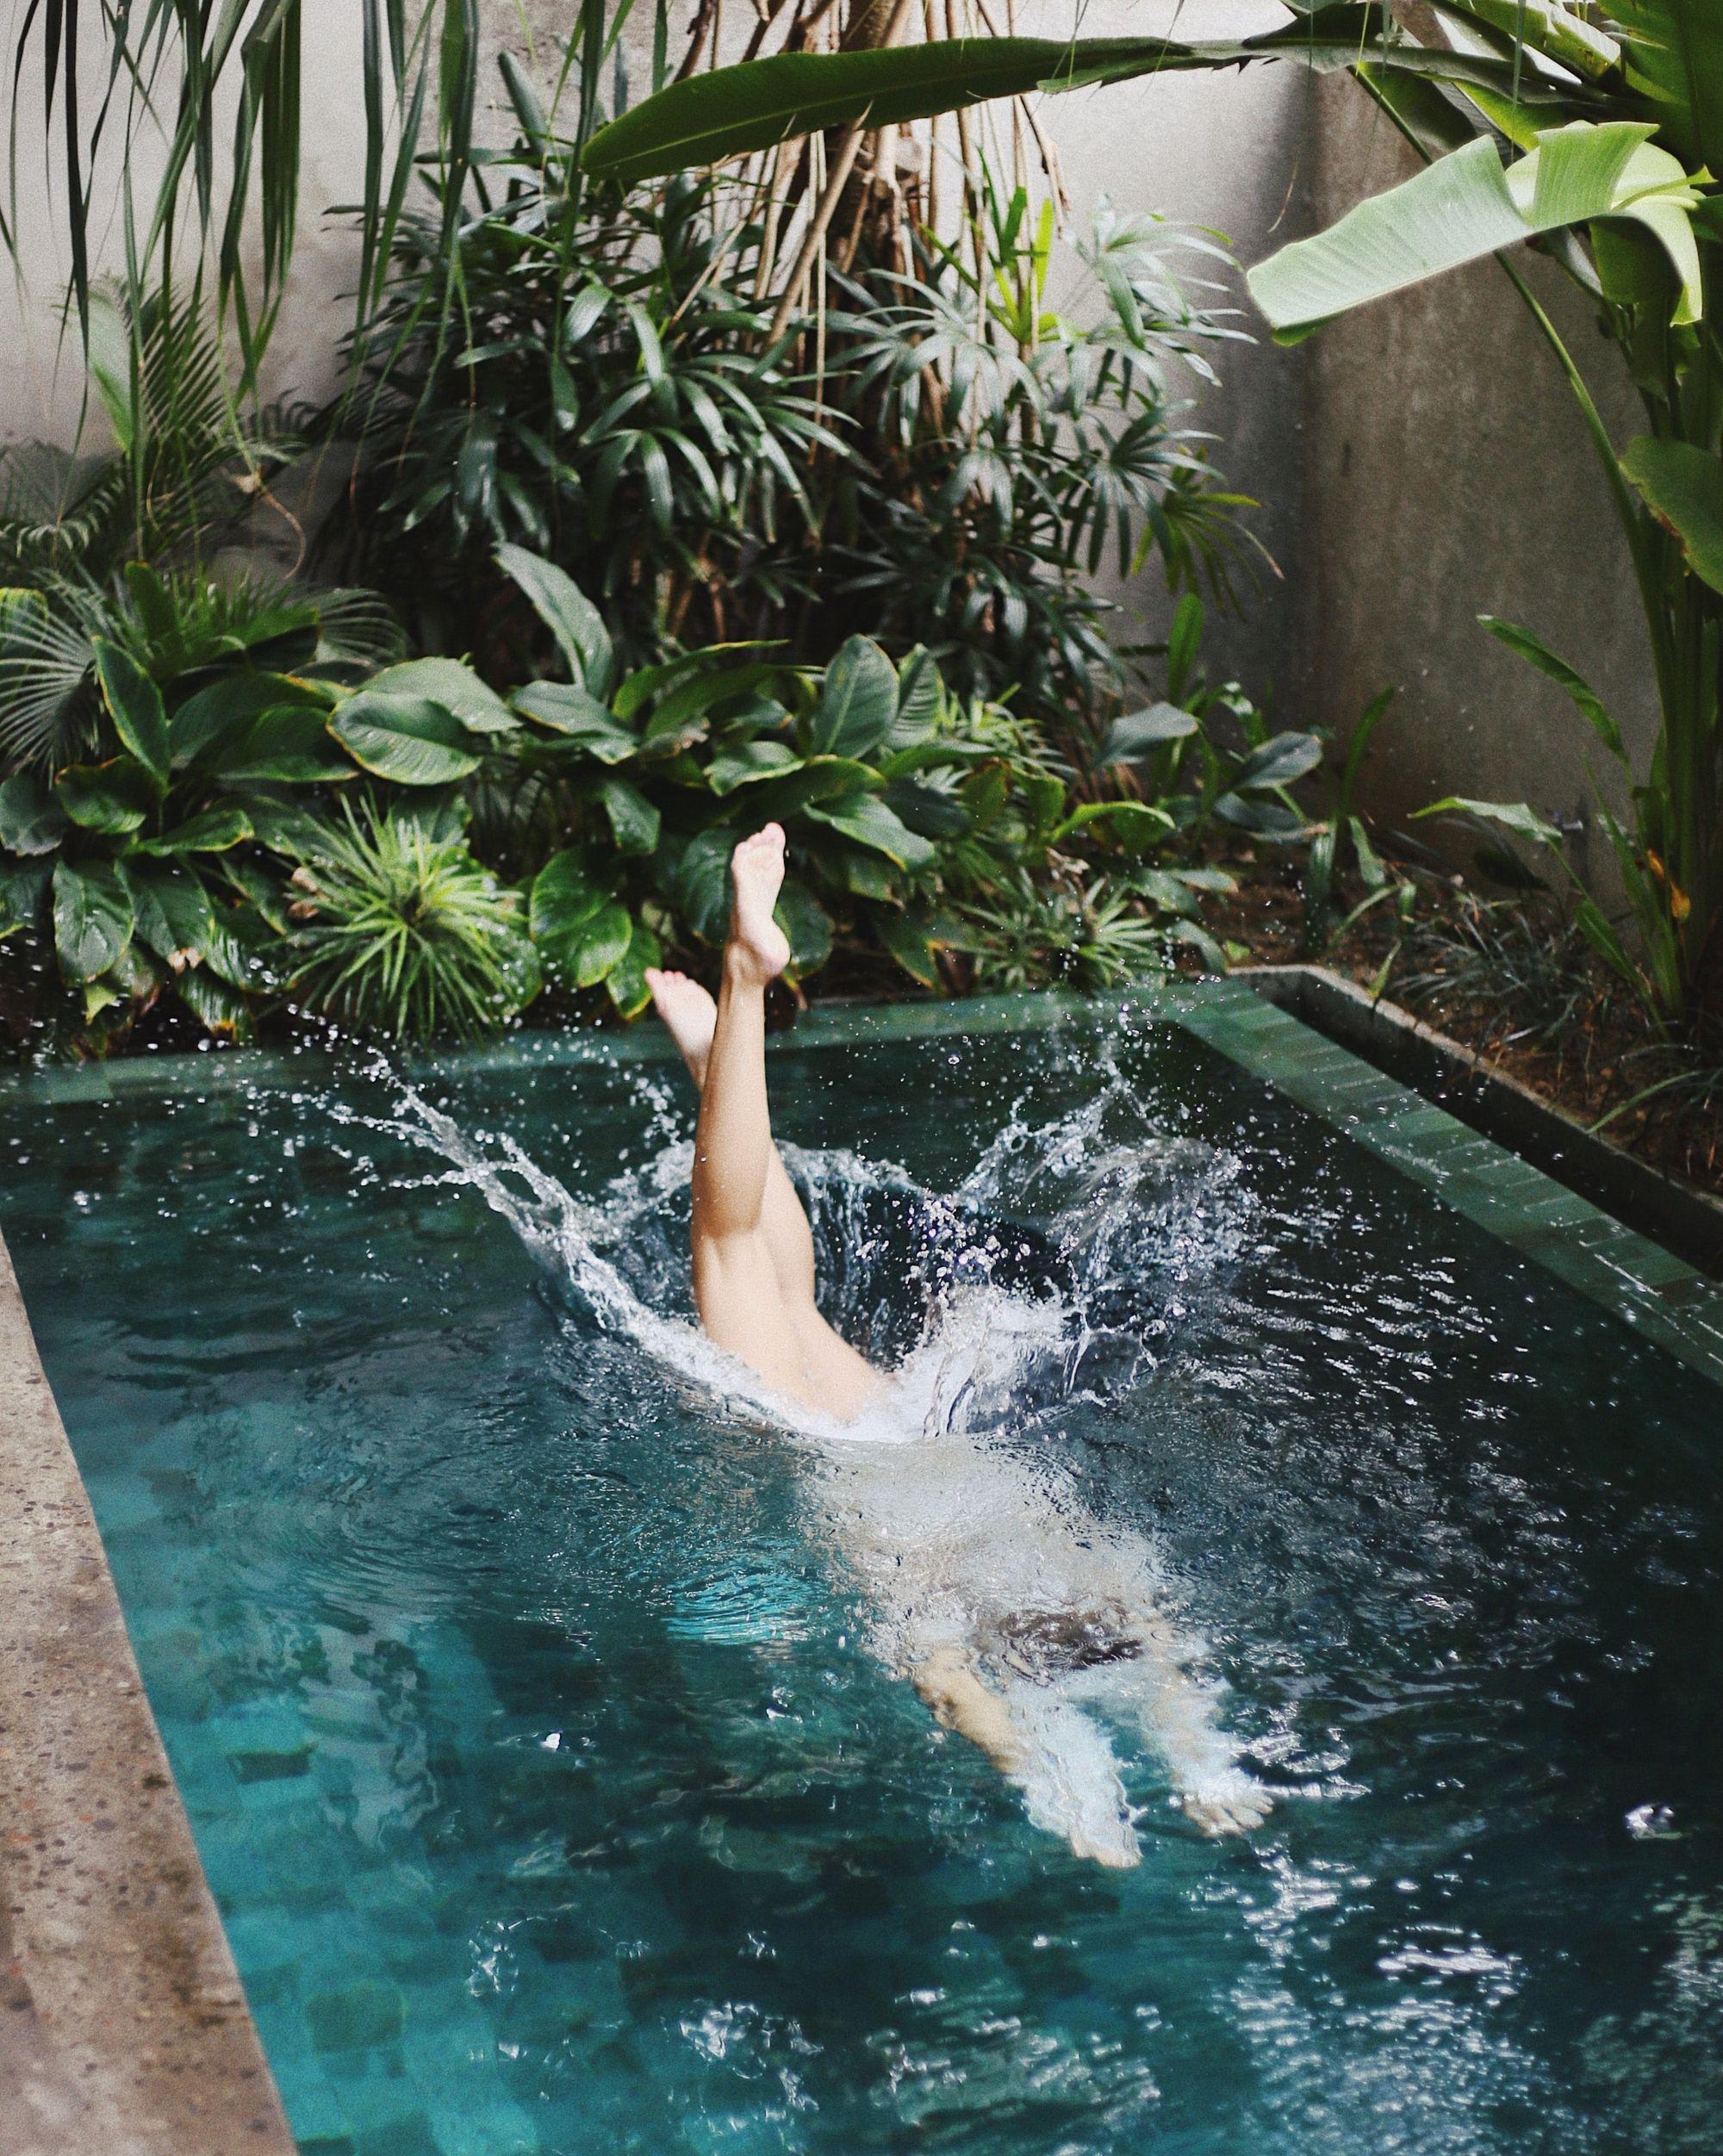 8 Private Pool Villas In Krabi Island Thailand In 2020 Pool Green Pool Water Luxury Swimming Pools